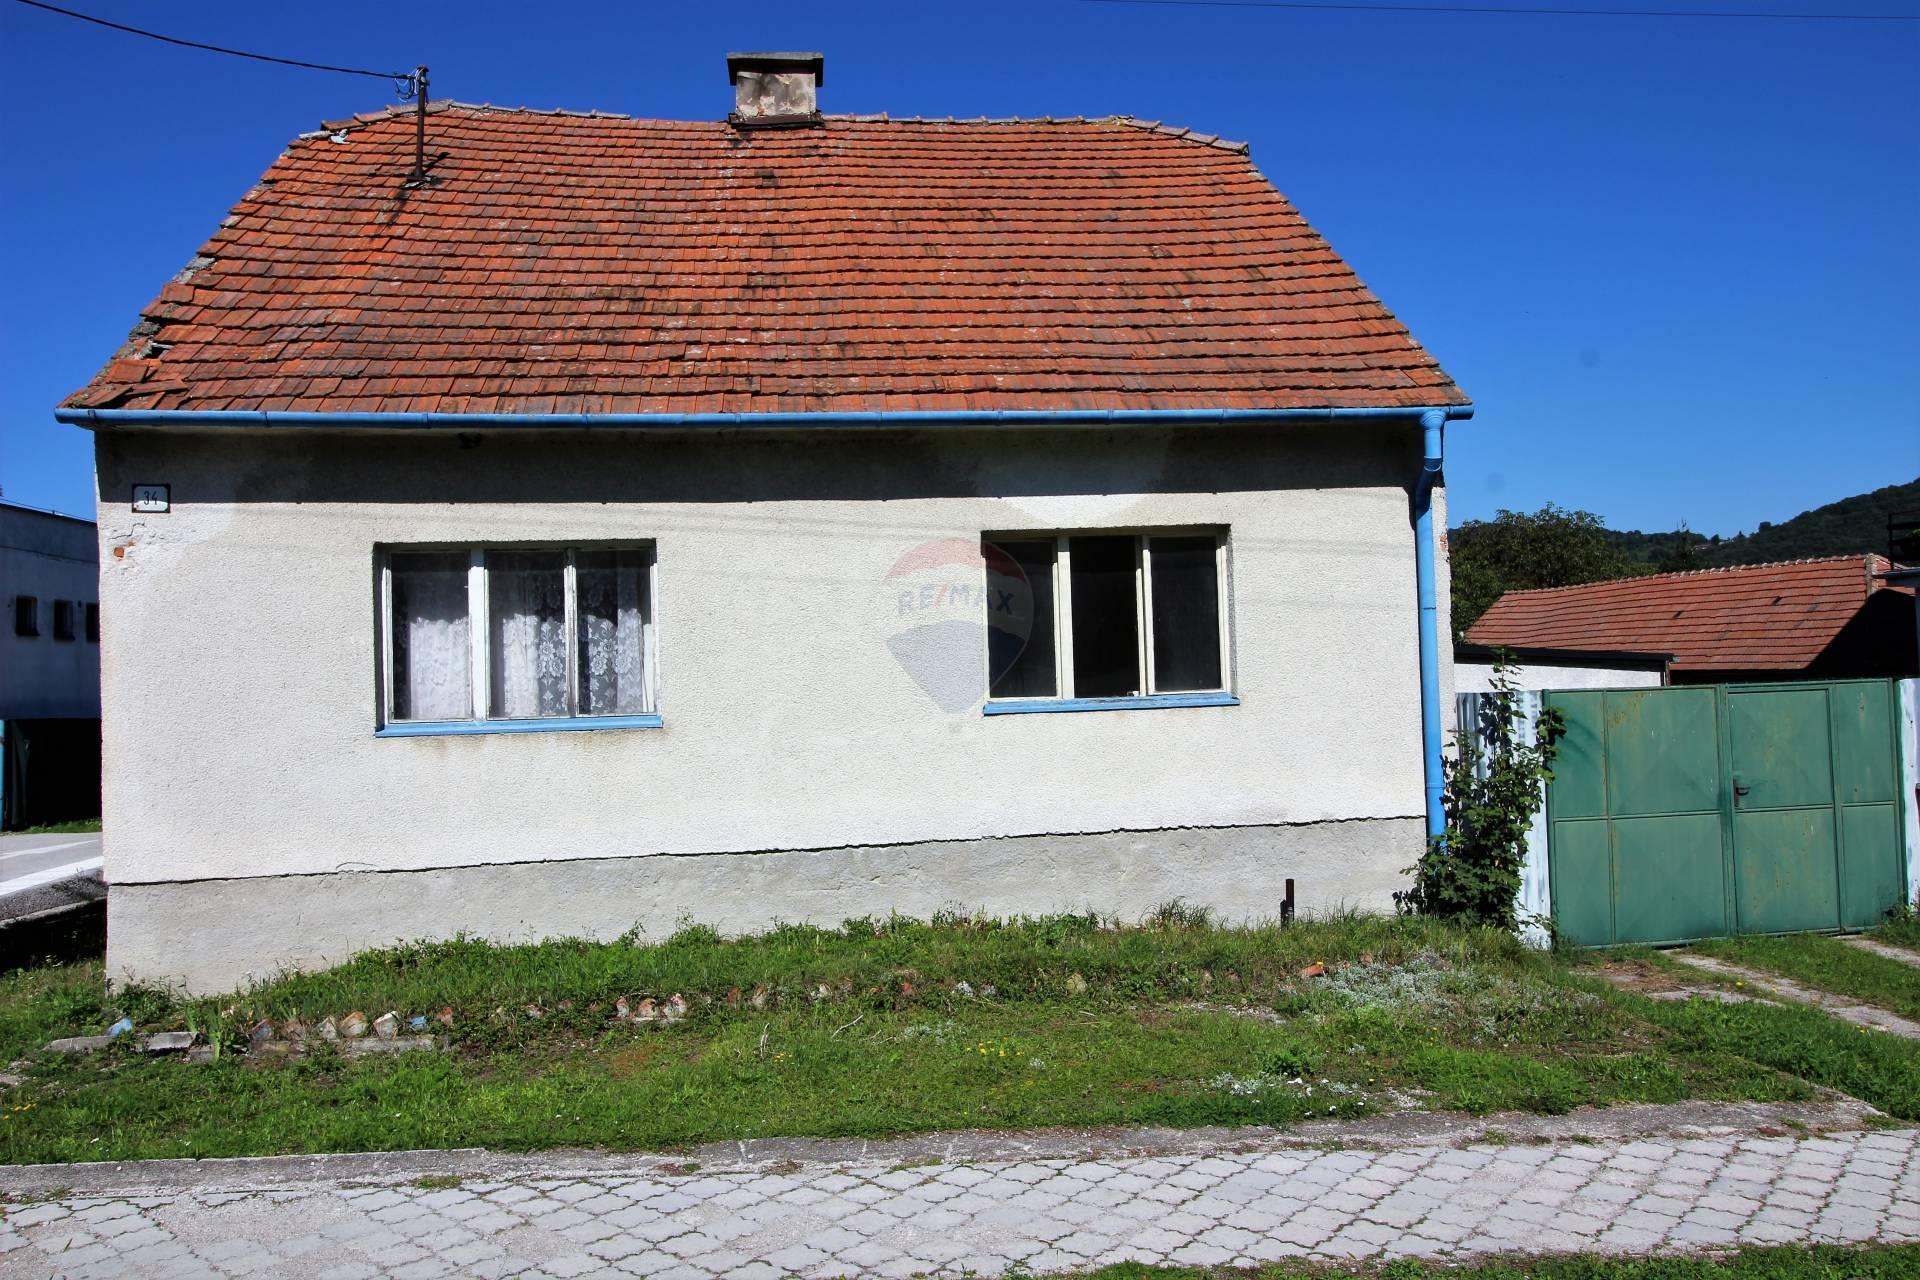 RE/MAX  ponúka na predaj nehnuteľnosť - rodinný dom v obci Buková